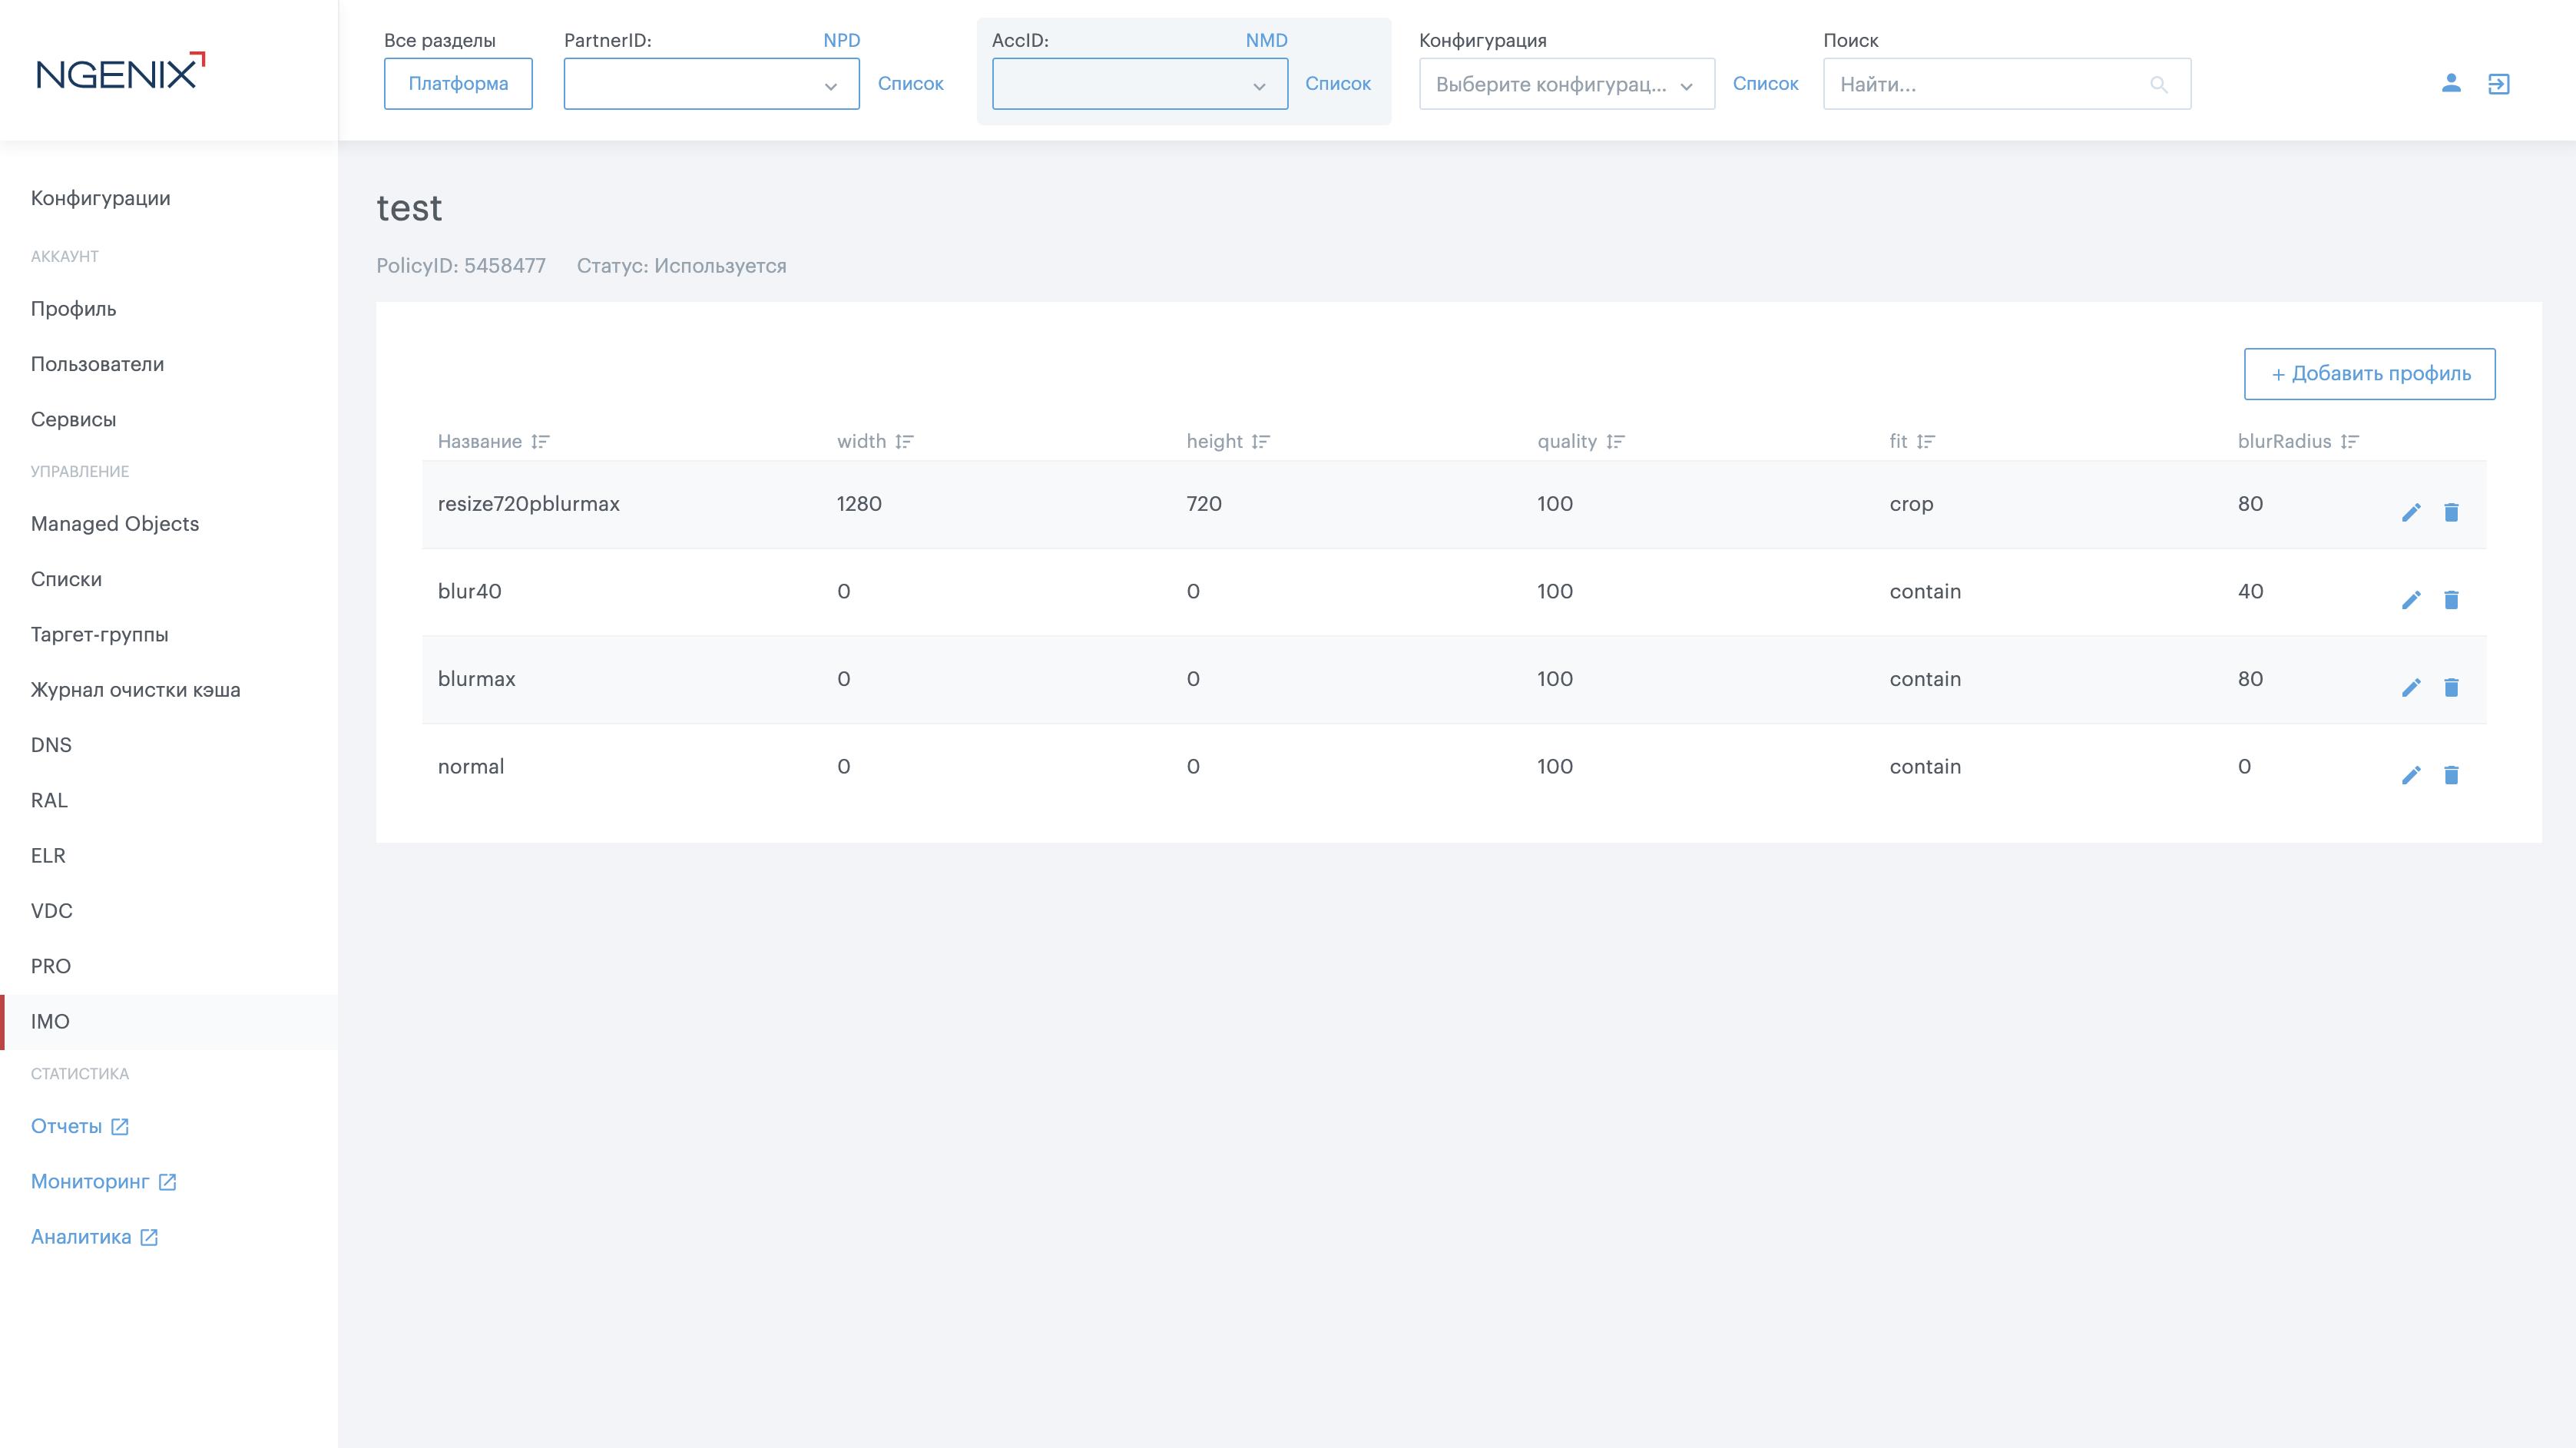 Управление сервисом NGENIX Image Optimization